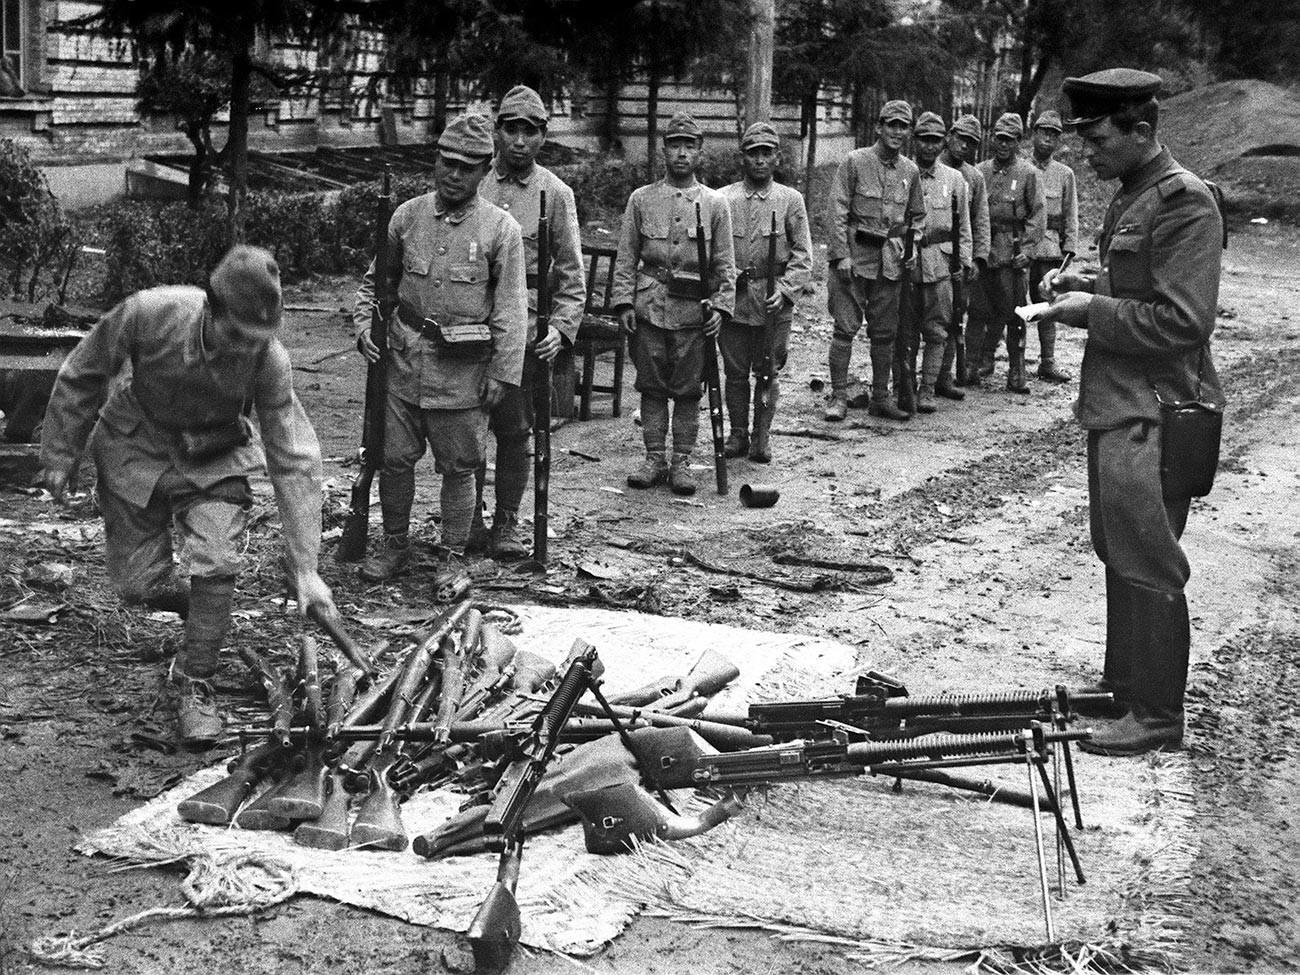 Druga svetovna vojna, avgust 1945: Zlom Japonskega imperija. Mandžurska operacija od 9. avgusta do 2. septembra 1945. Kapitulacija Kvantunške armade.